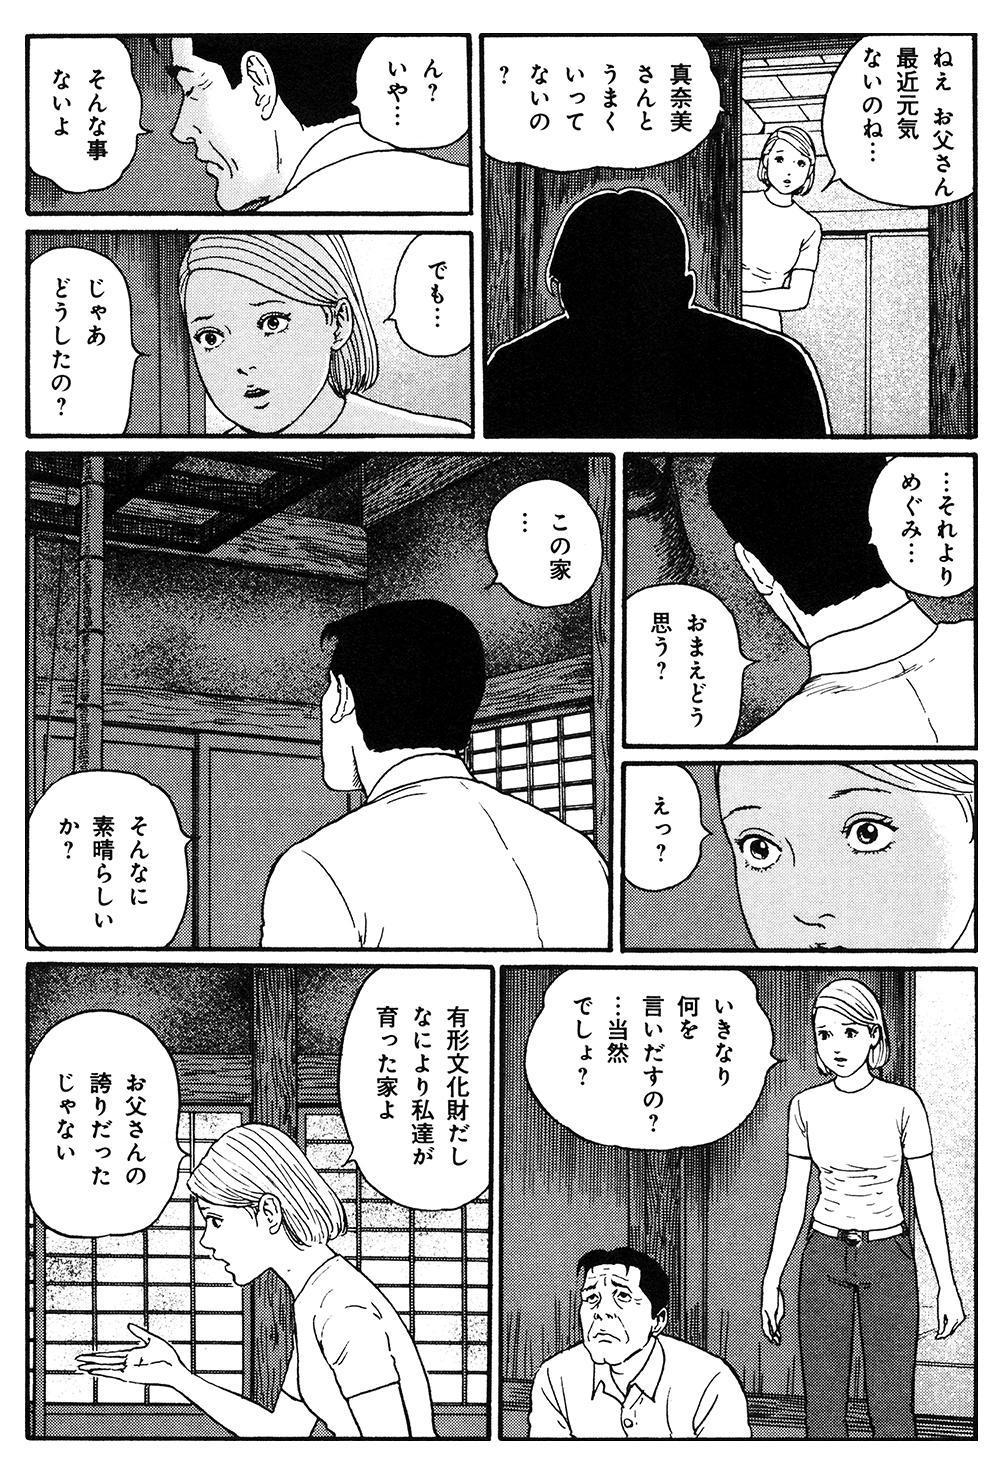 魔の断片 第2話「木造の怪」②manodanpen03-04.jpg